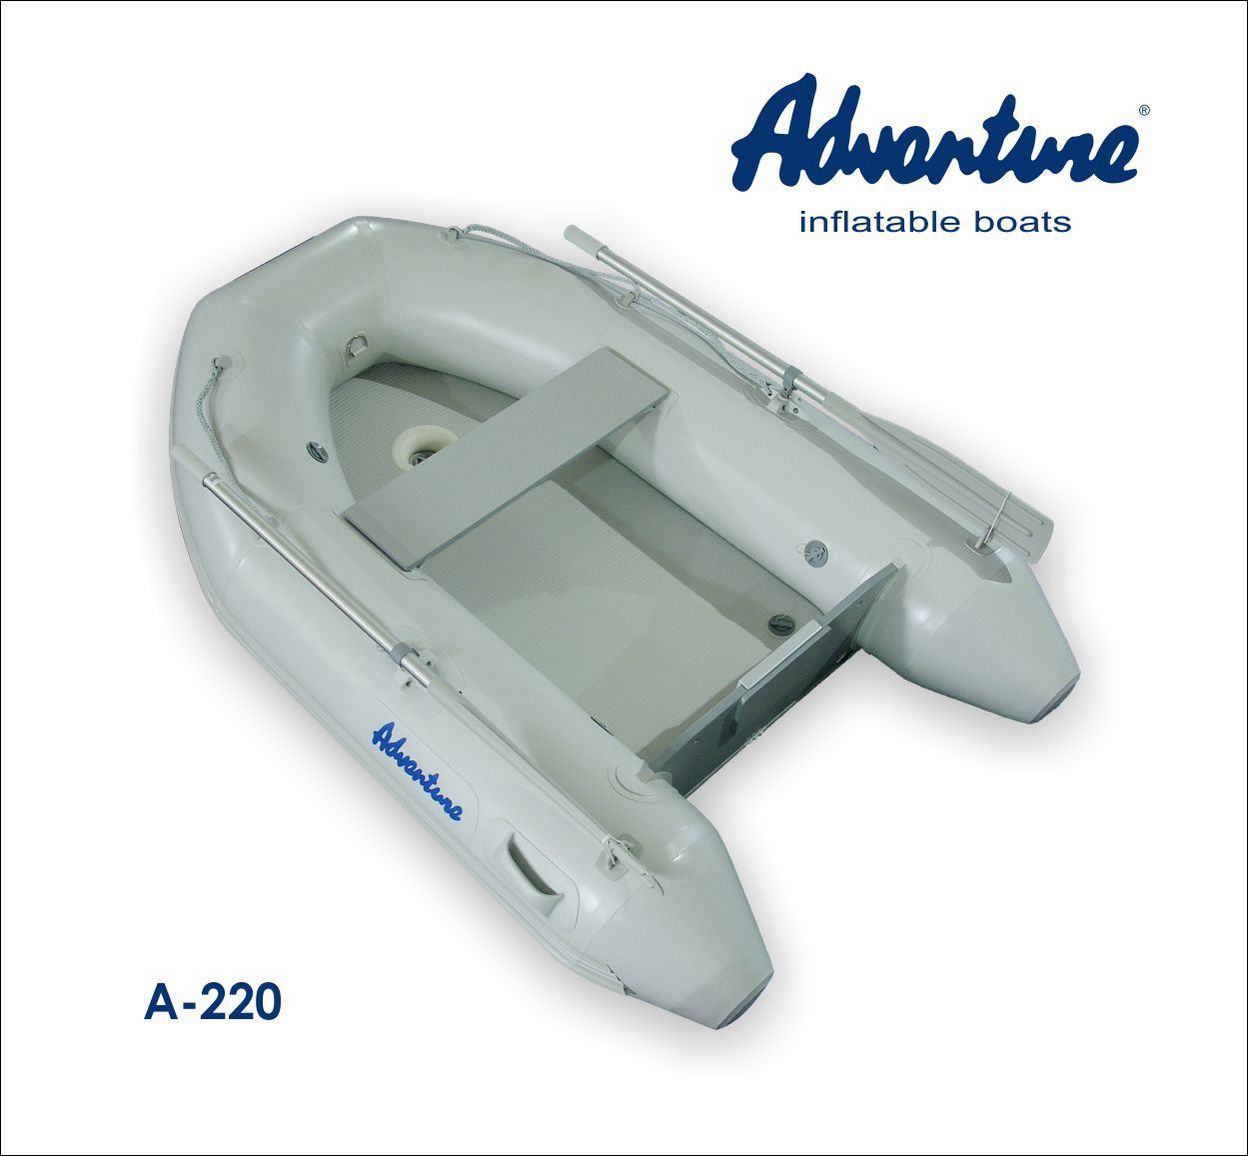 Надувная лодка Adventure Arta A-220 - фото 1